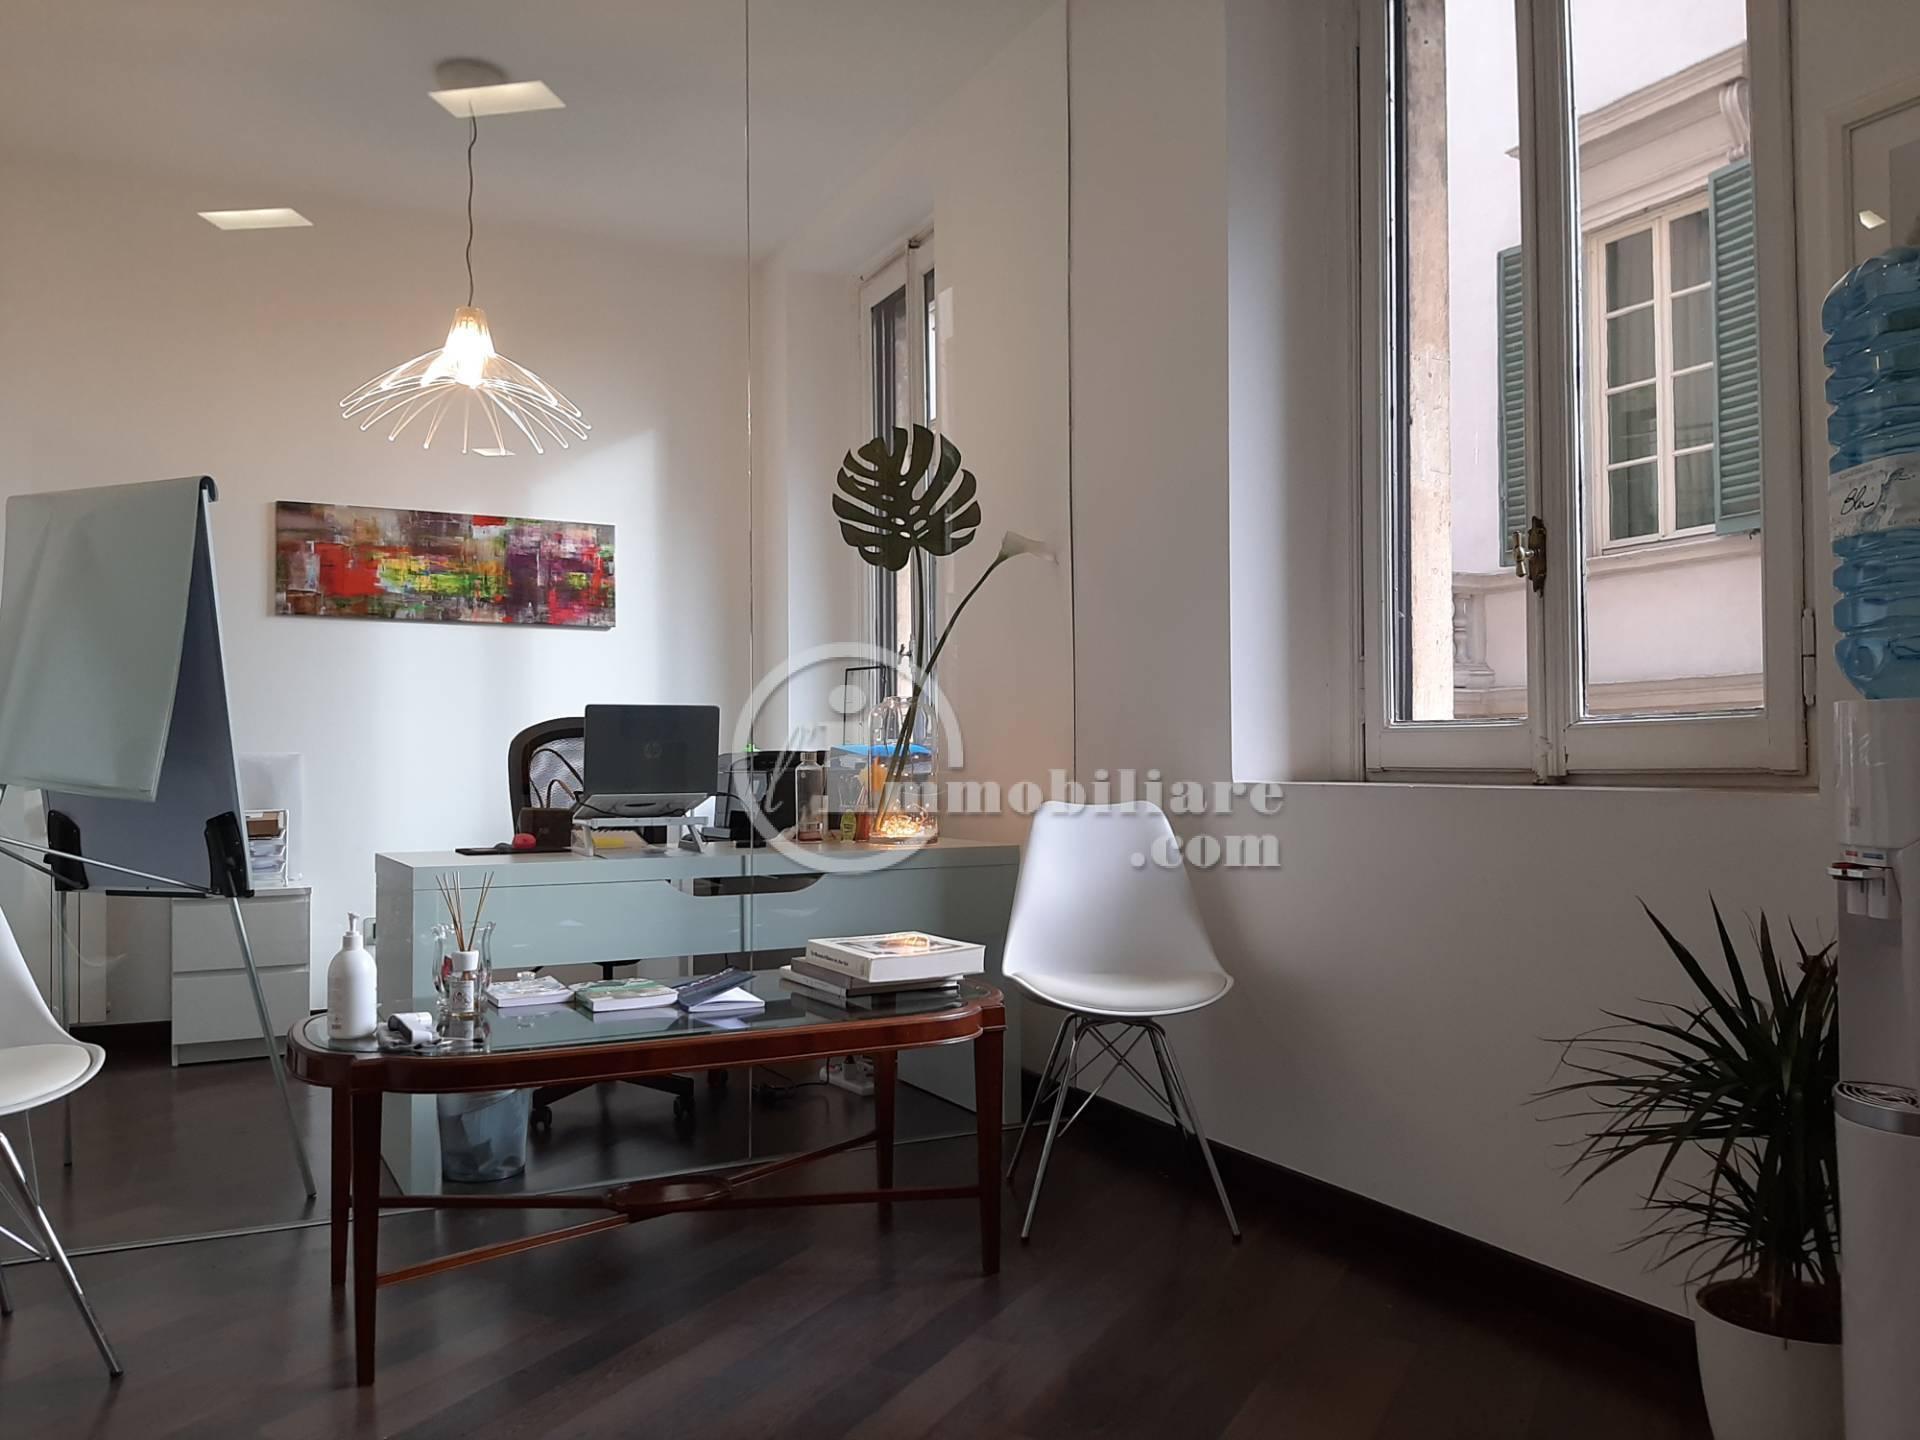 Ufficio-studio in Affitto a Milano 10 Isola / Centrale / Gioia: 4 locali, 120 mq